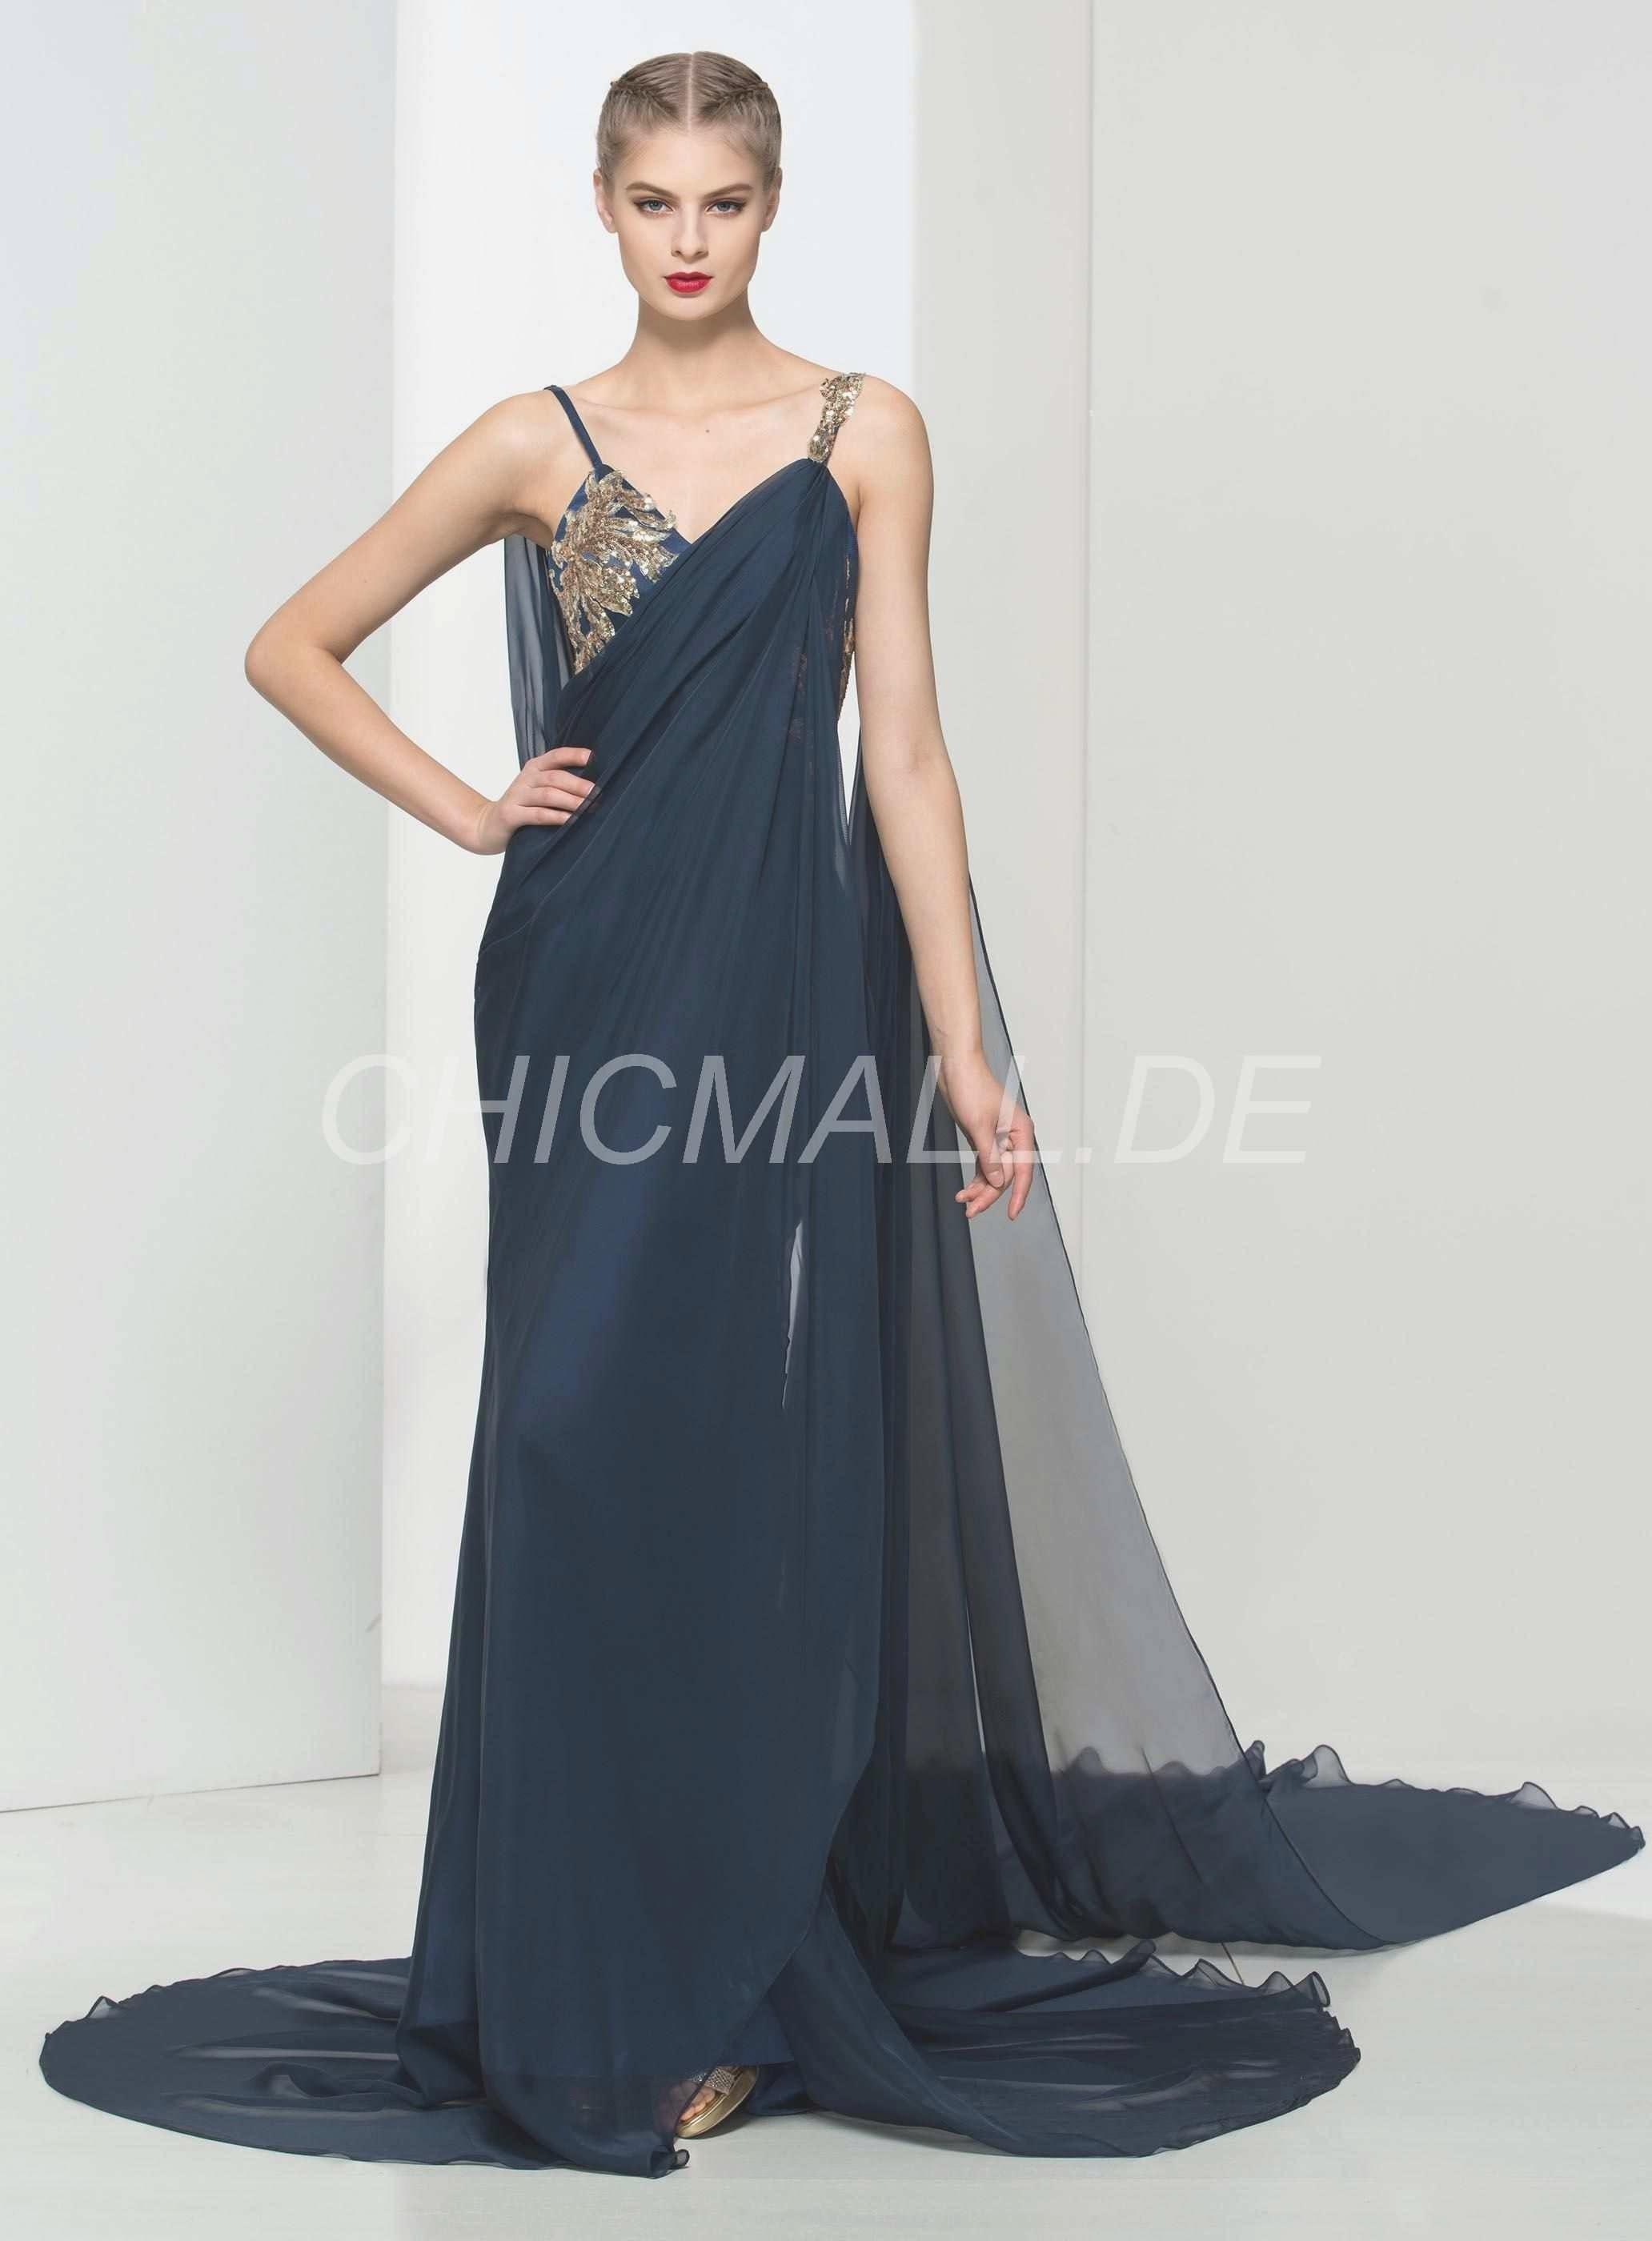 Schön Abendkleider Eng Lang Spezialgebiet20 Luxurius Abendkleider Eng Lang Spezialgebiet